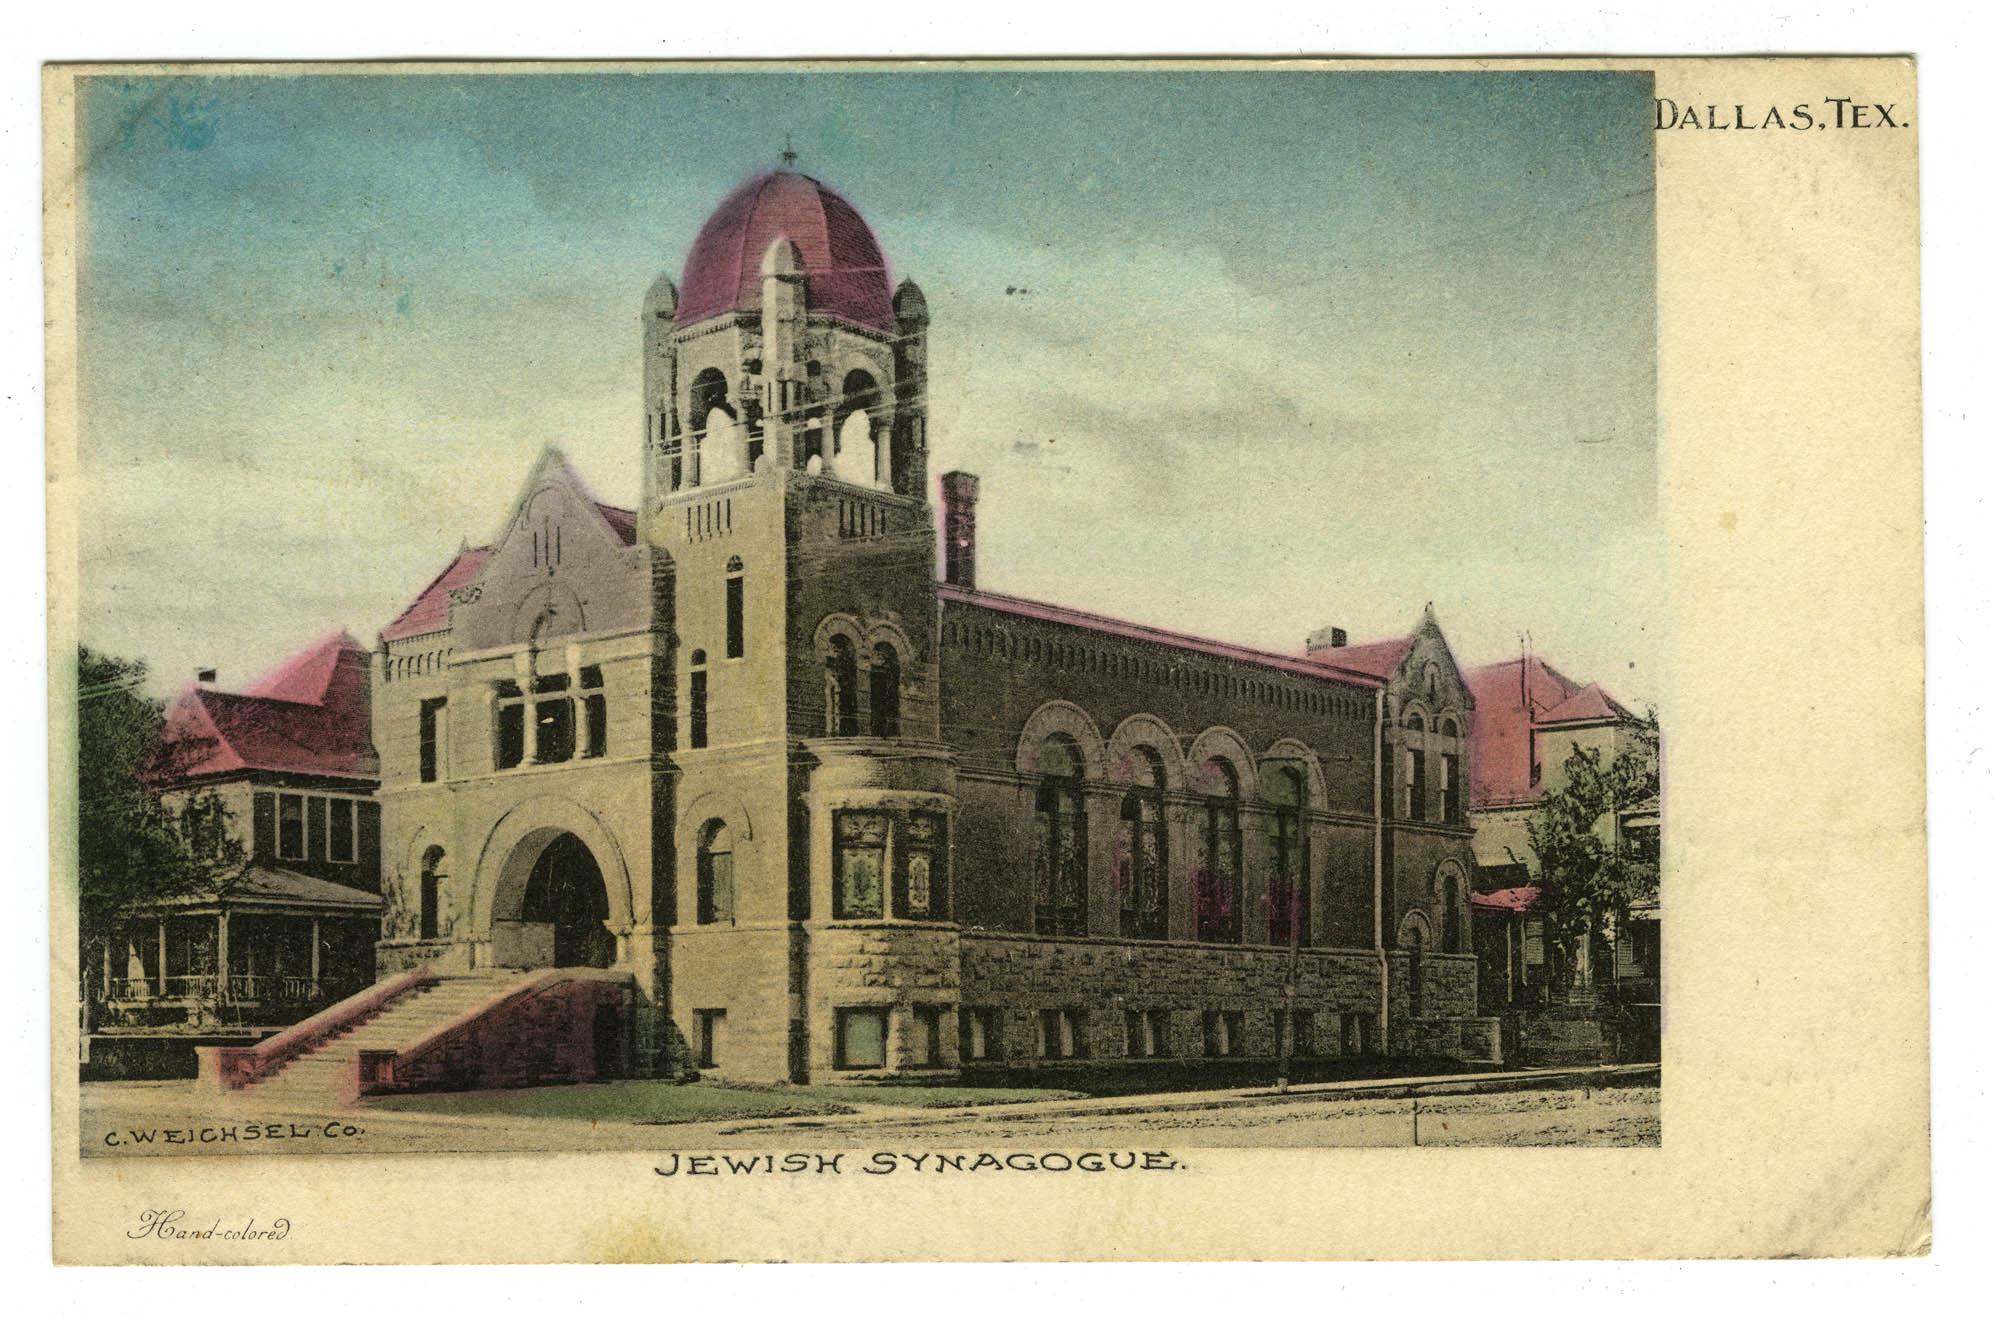 Jewish Synagogue, Dallas, Tex.